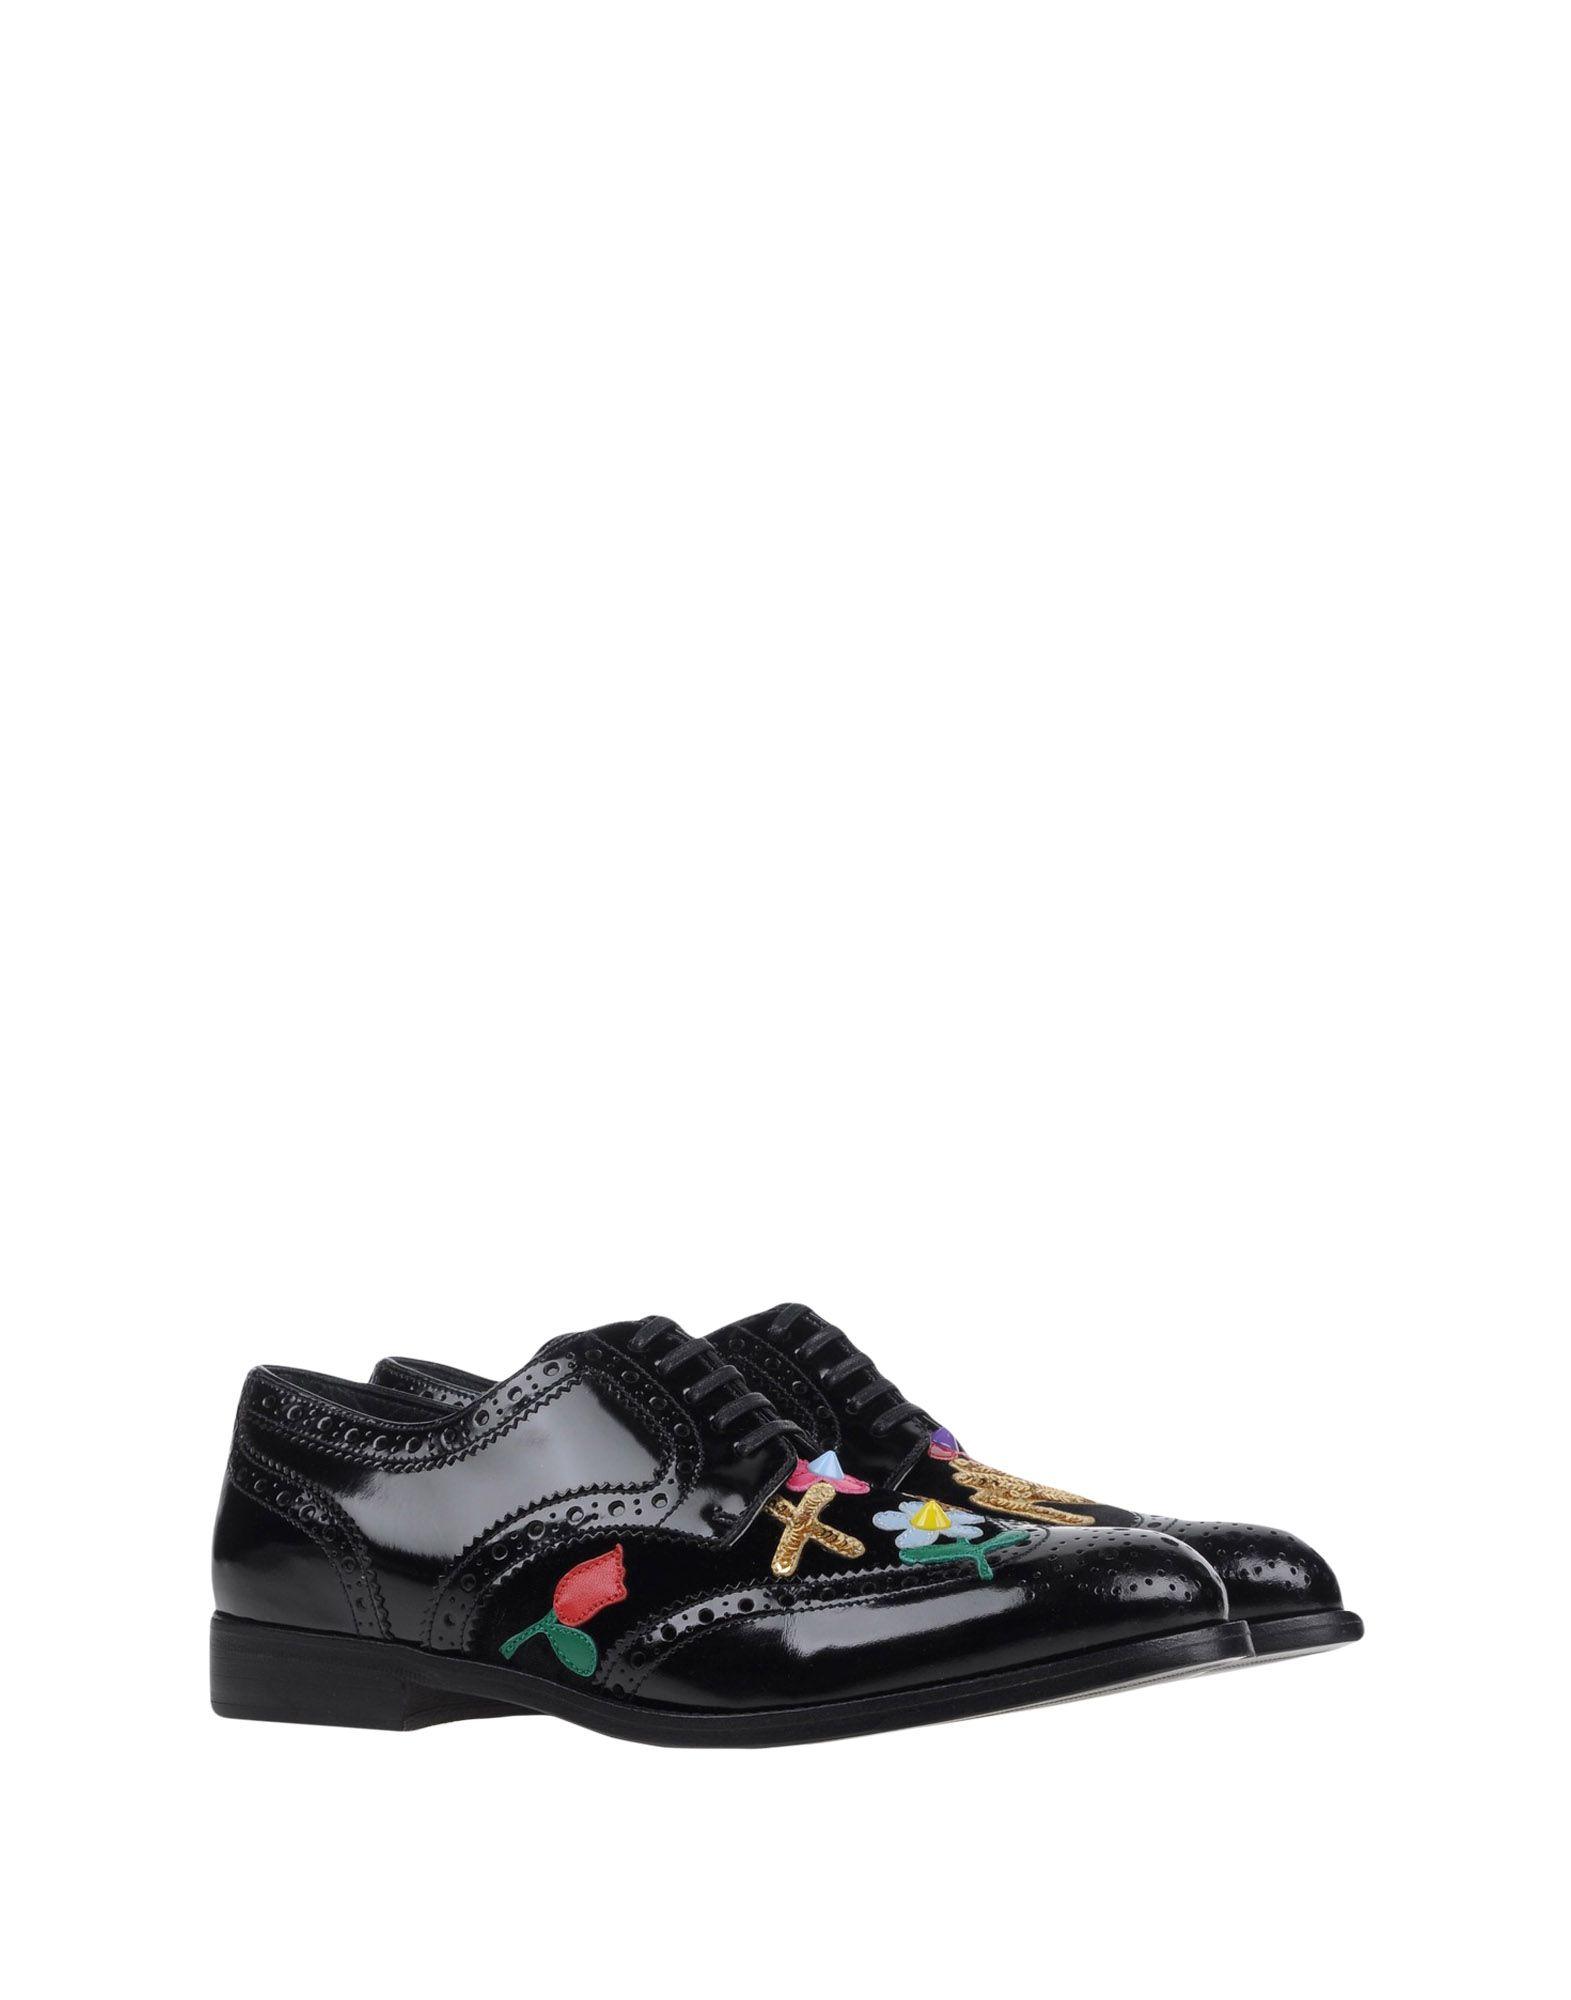 Stringate Dolce & Gabbana Donna 11006007LG - 11006007LG Donna 41d754